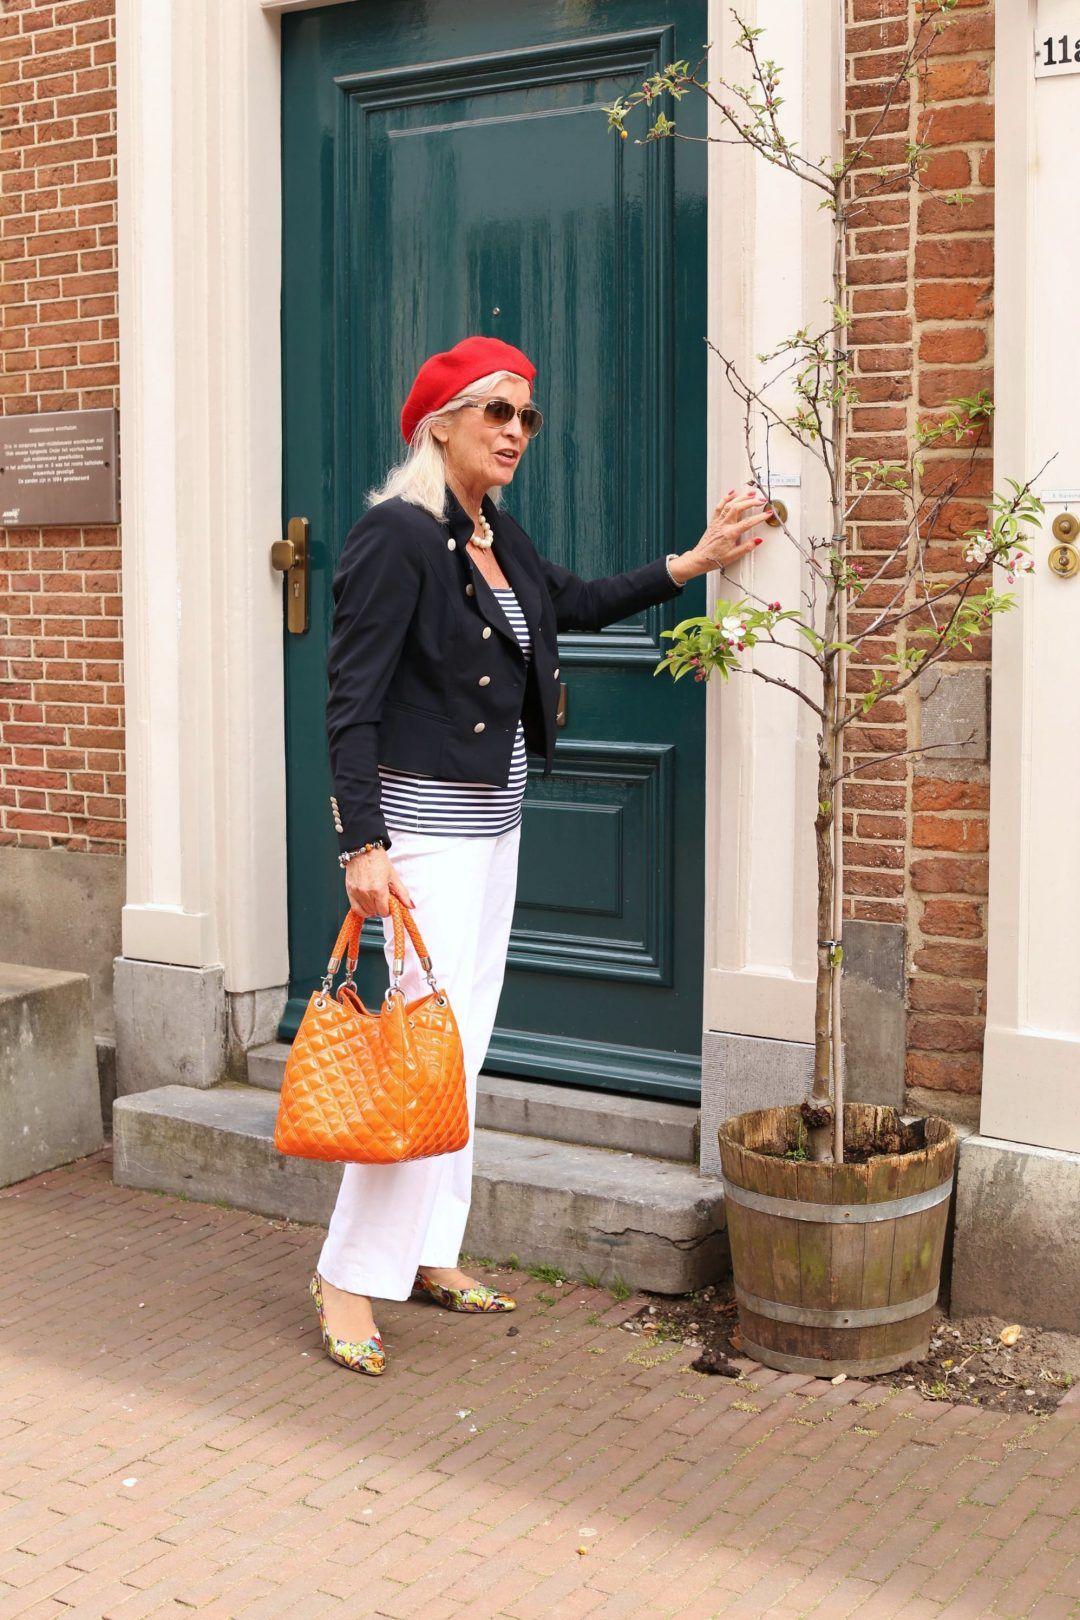 Anne in marine look, elk voorjaar weer mooi